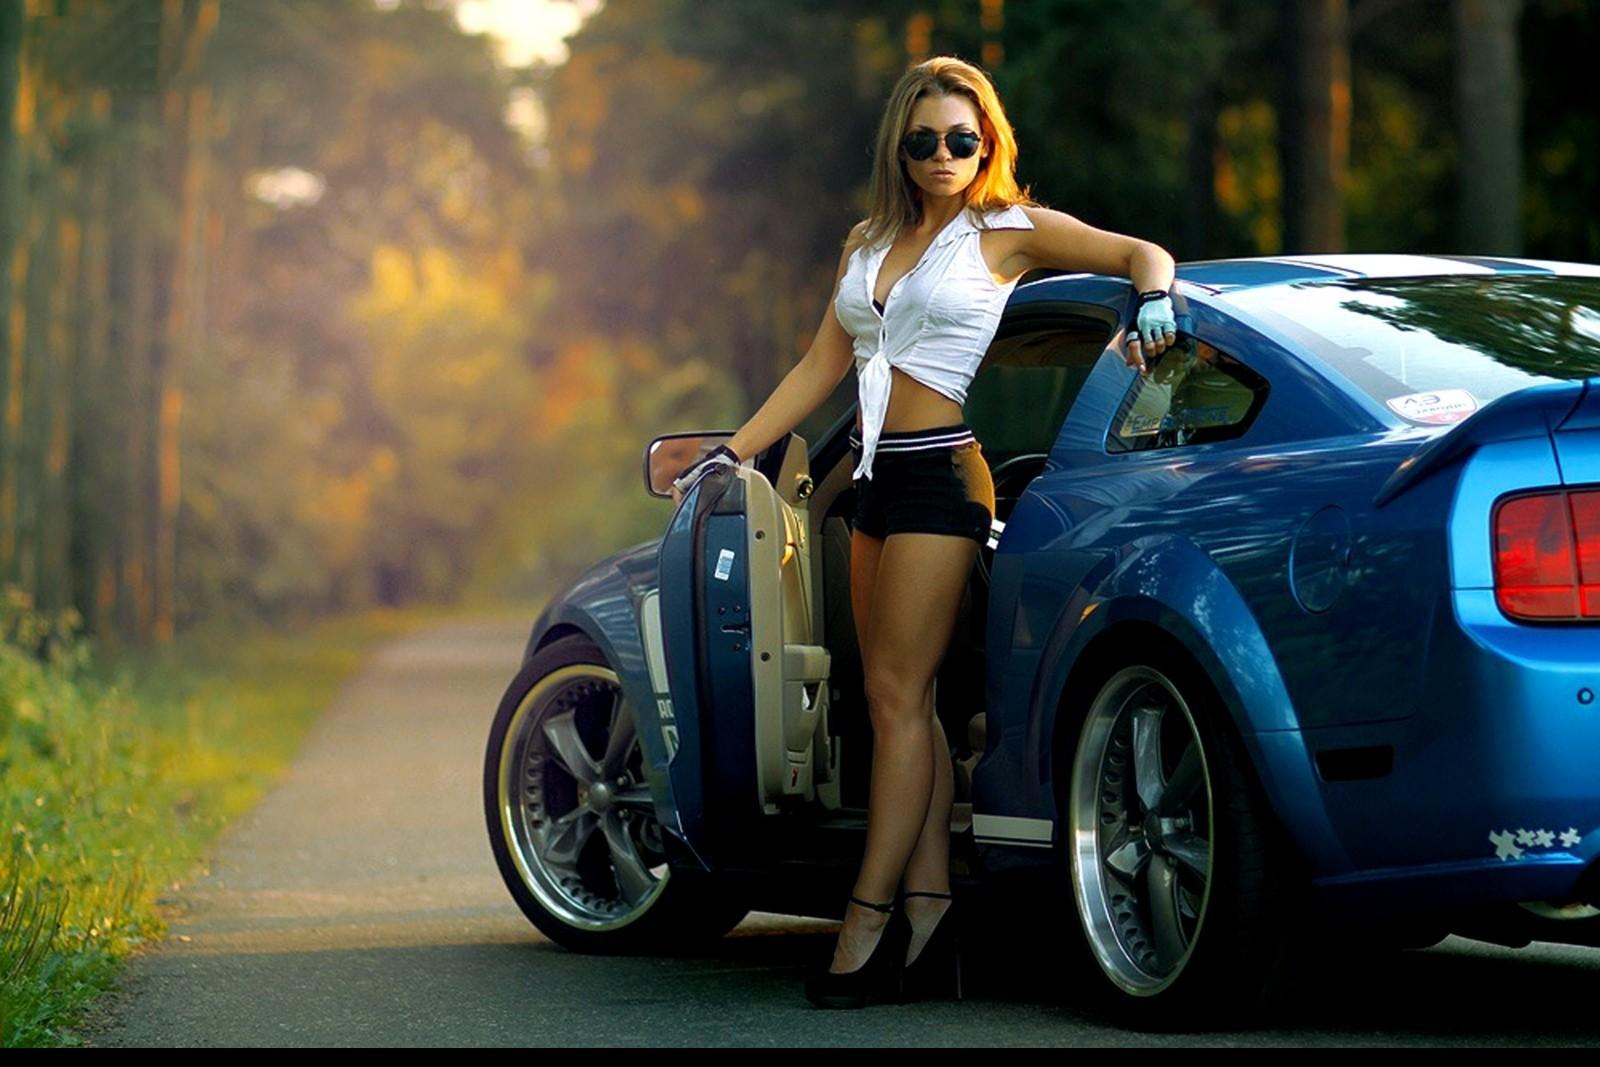 Hintergrundbilder : Frau, blond, Sonnenbrille, Auto, Blaue